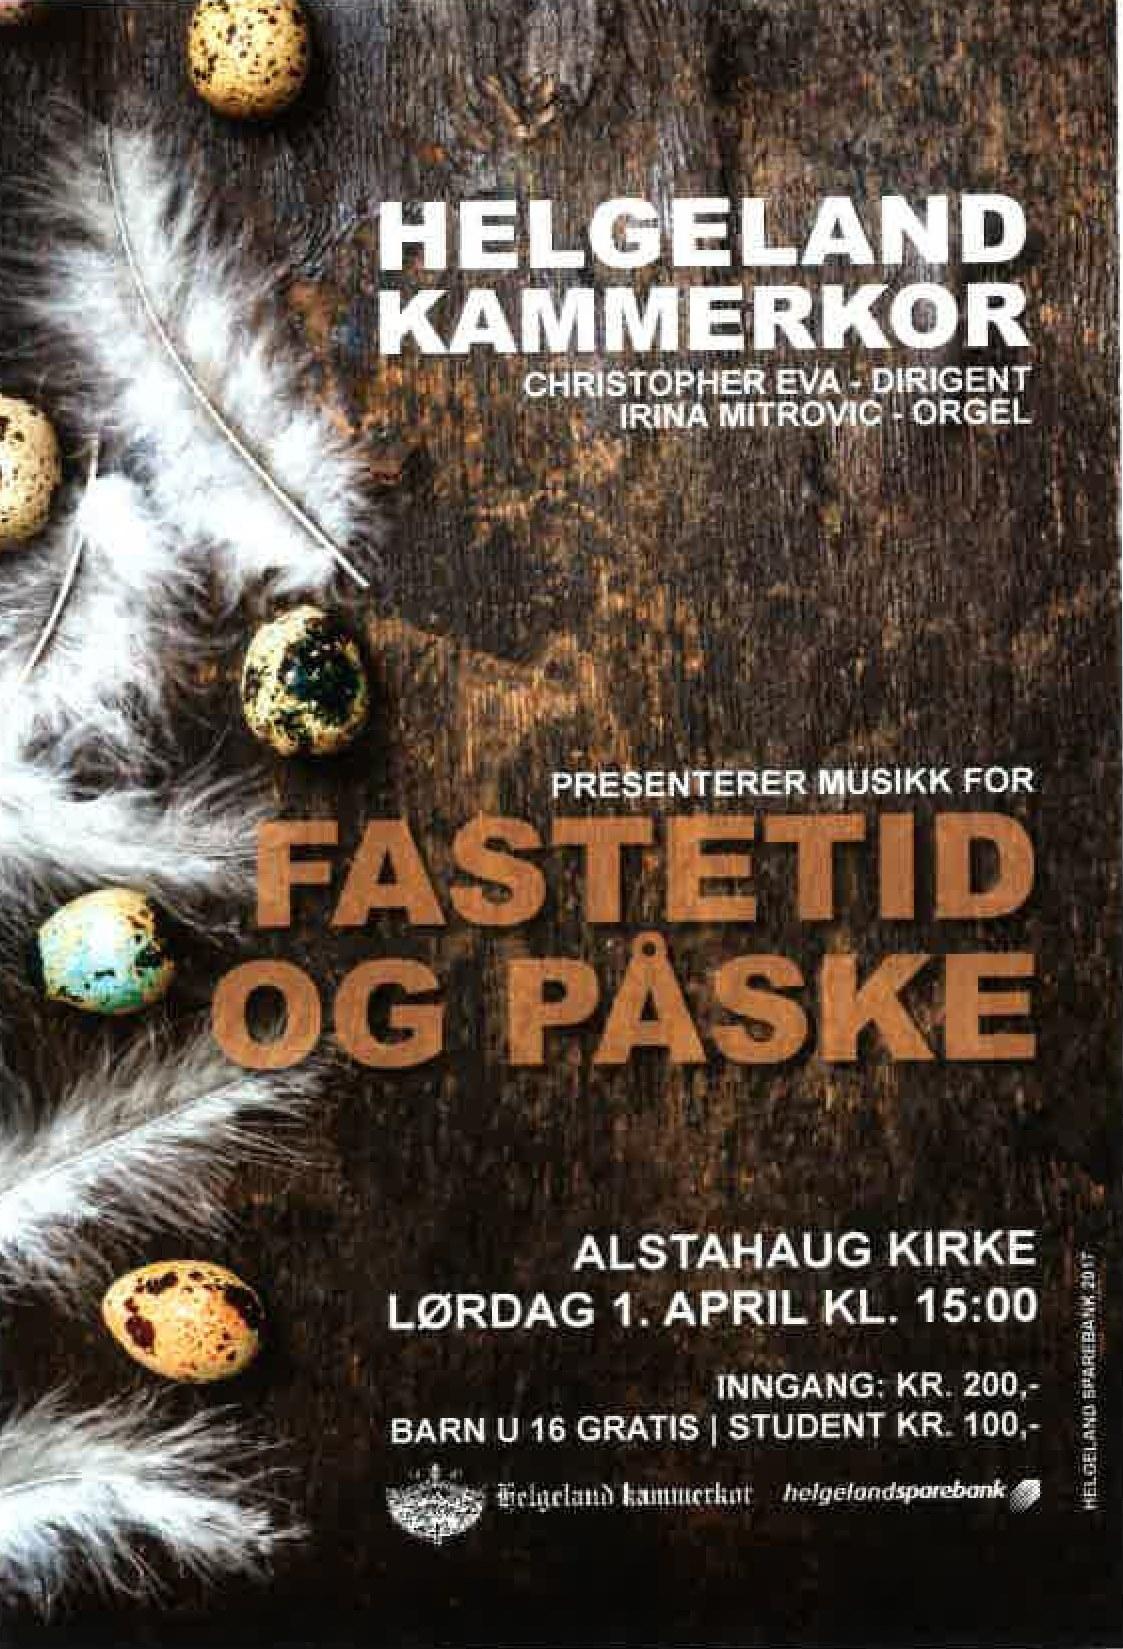 Helgeland kammerkor_plakat.jpg